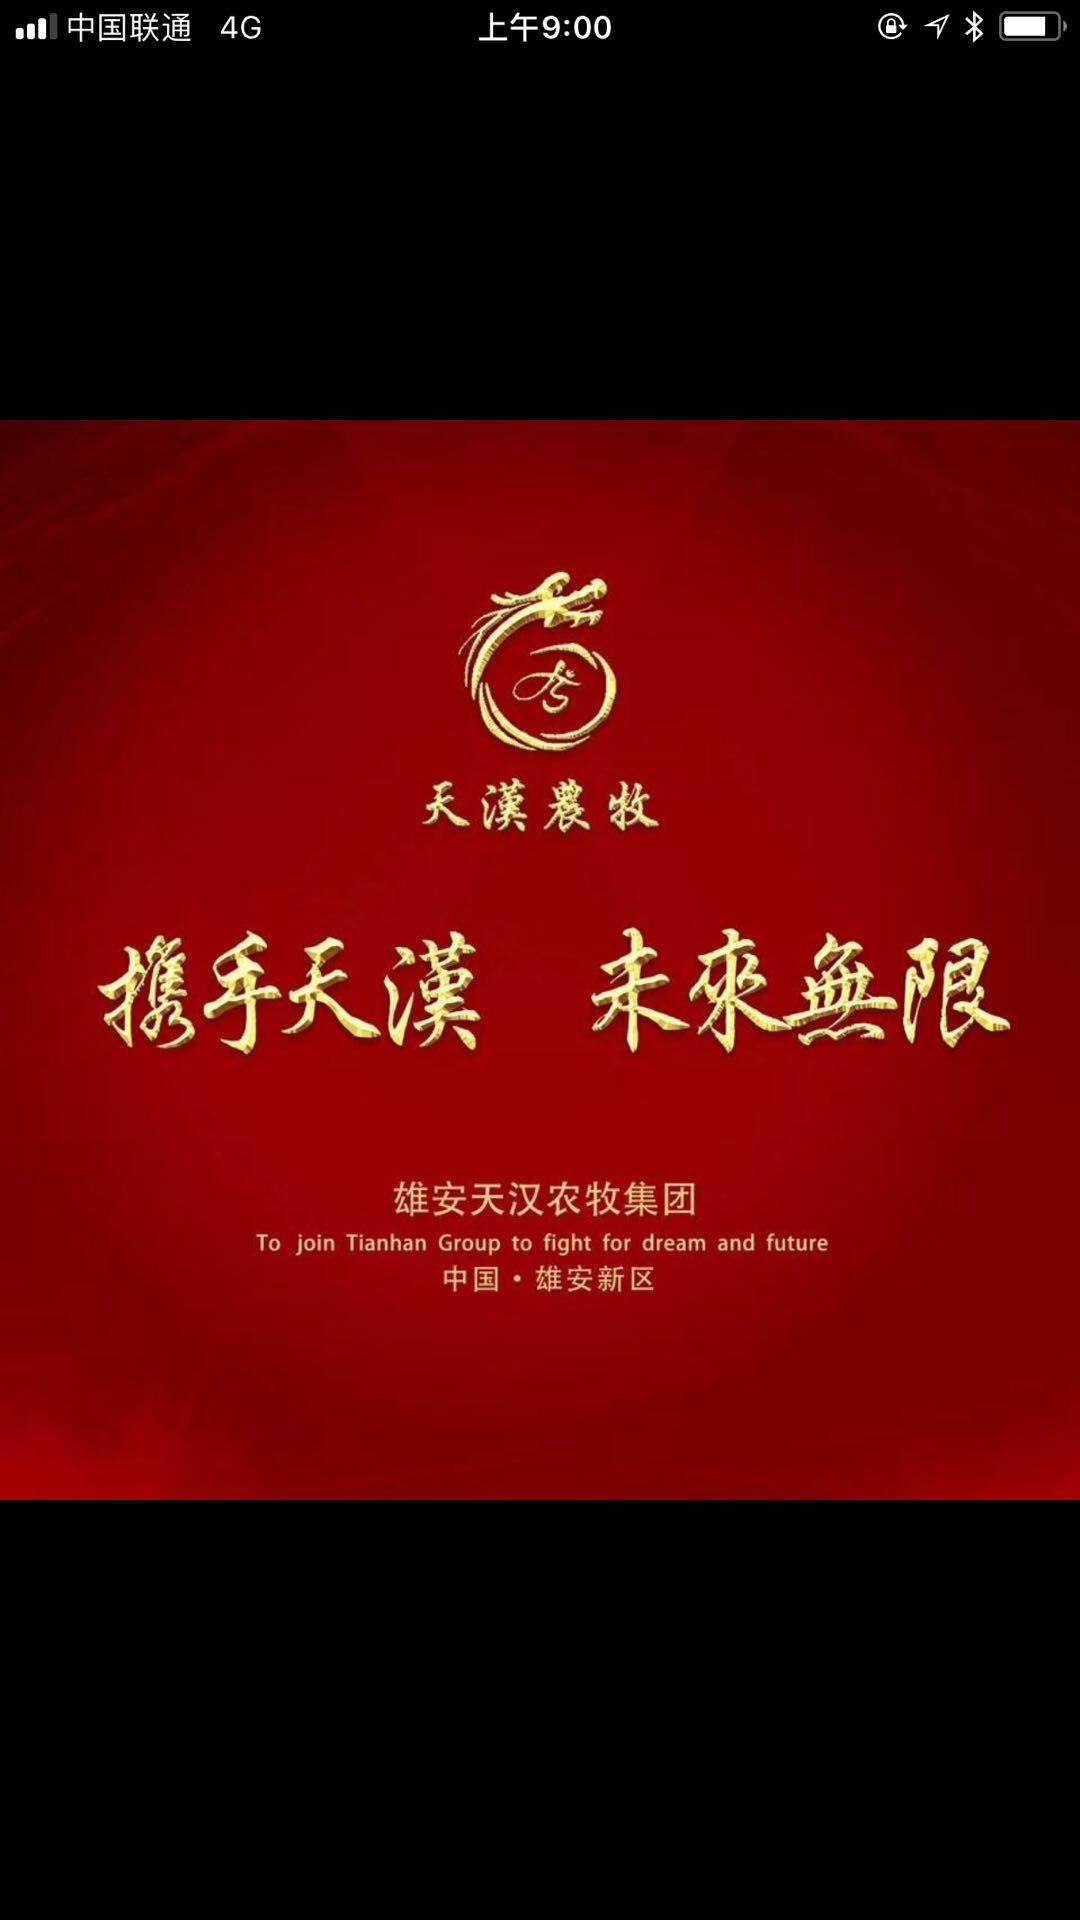 天汉农牧集团